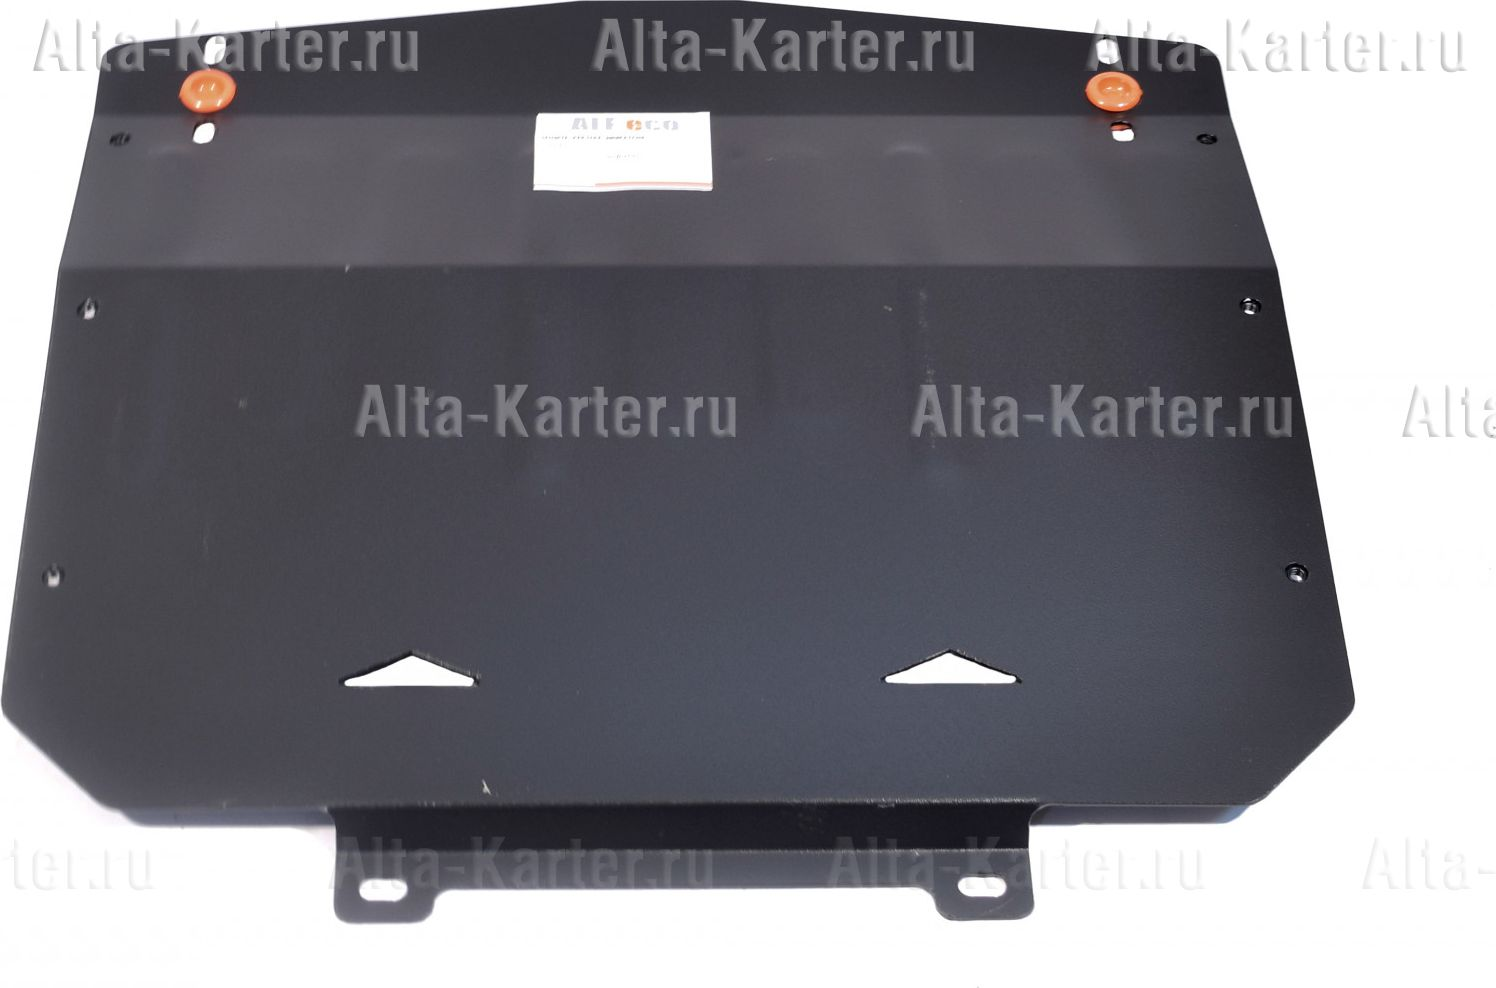 Защита Alfeco для картера Audi 100 C4 1990-1994. Артикул ALF.30.17